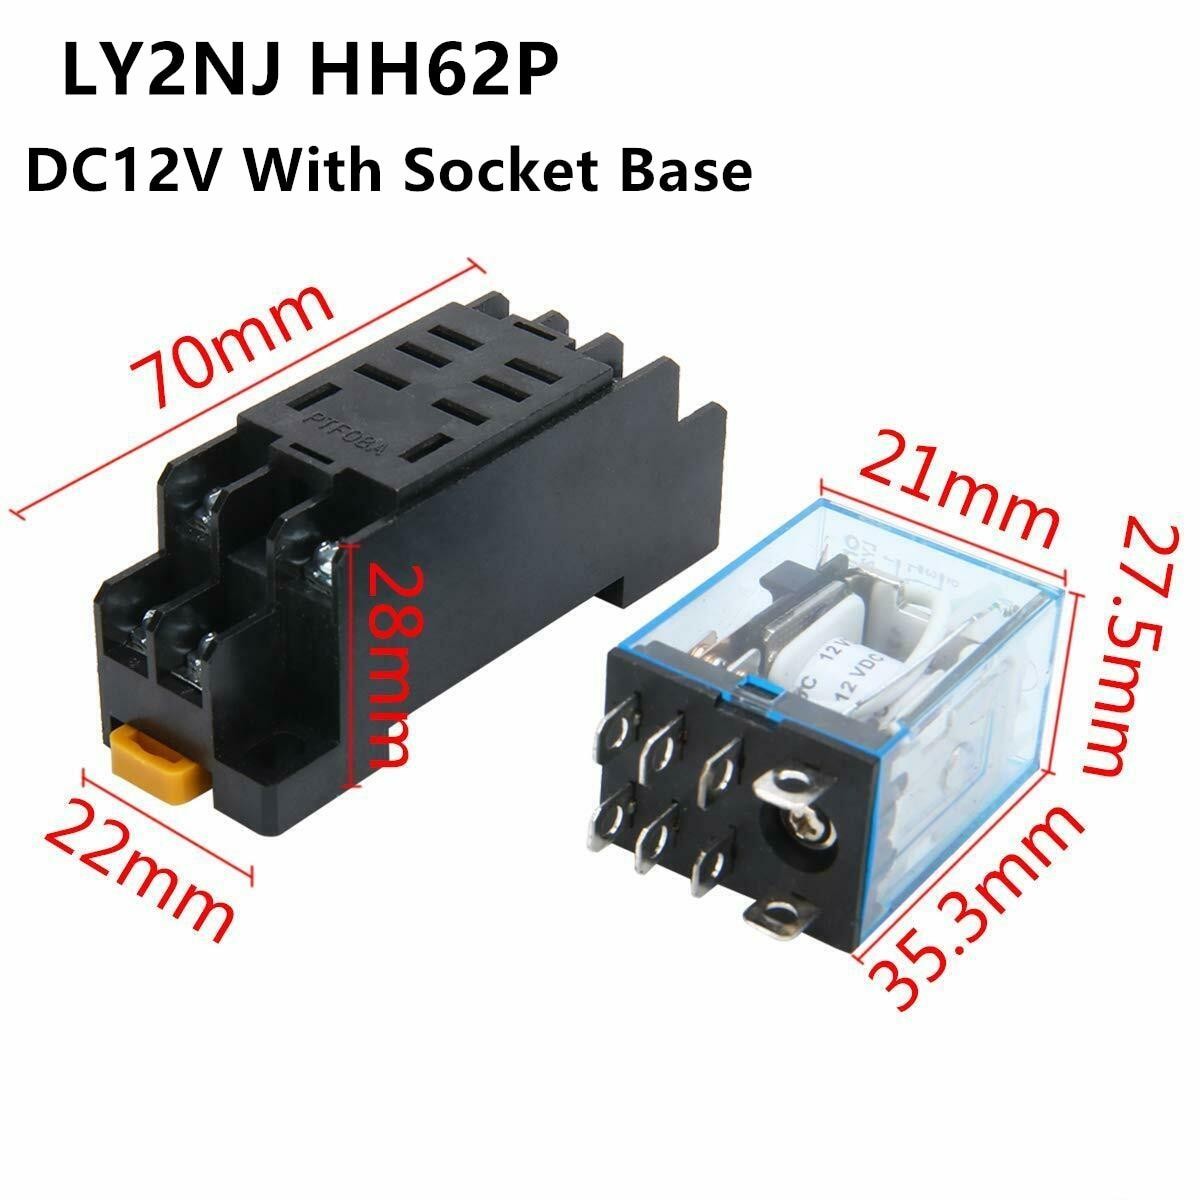 Реле мощности для катушки LY2NJ DPDT, миниатюрное реле 8Pin DC12V DC24V AC110V AC220V HH62P, серия с линейным преобразователем питания для двигателей серии HH62P